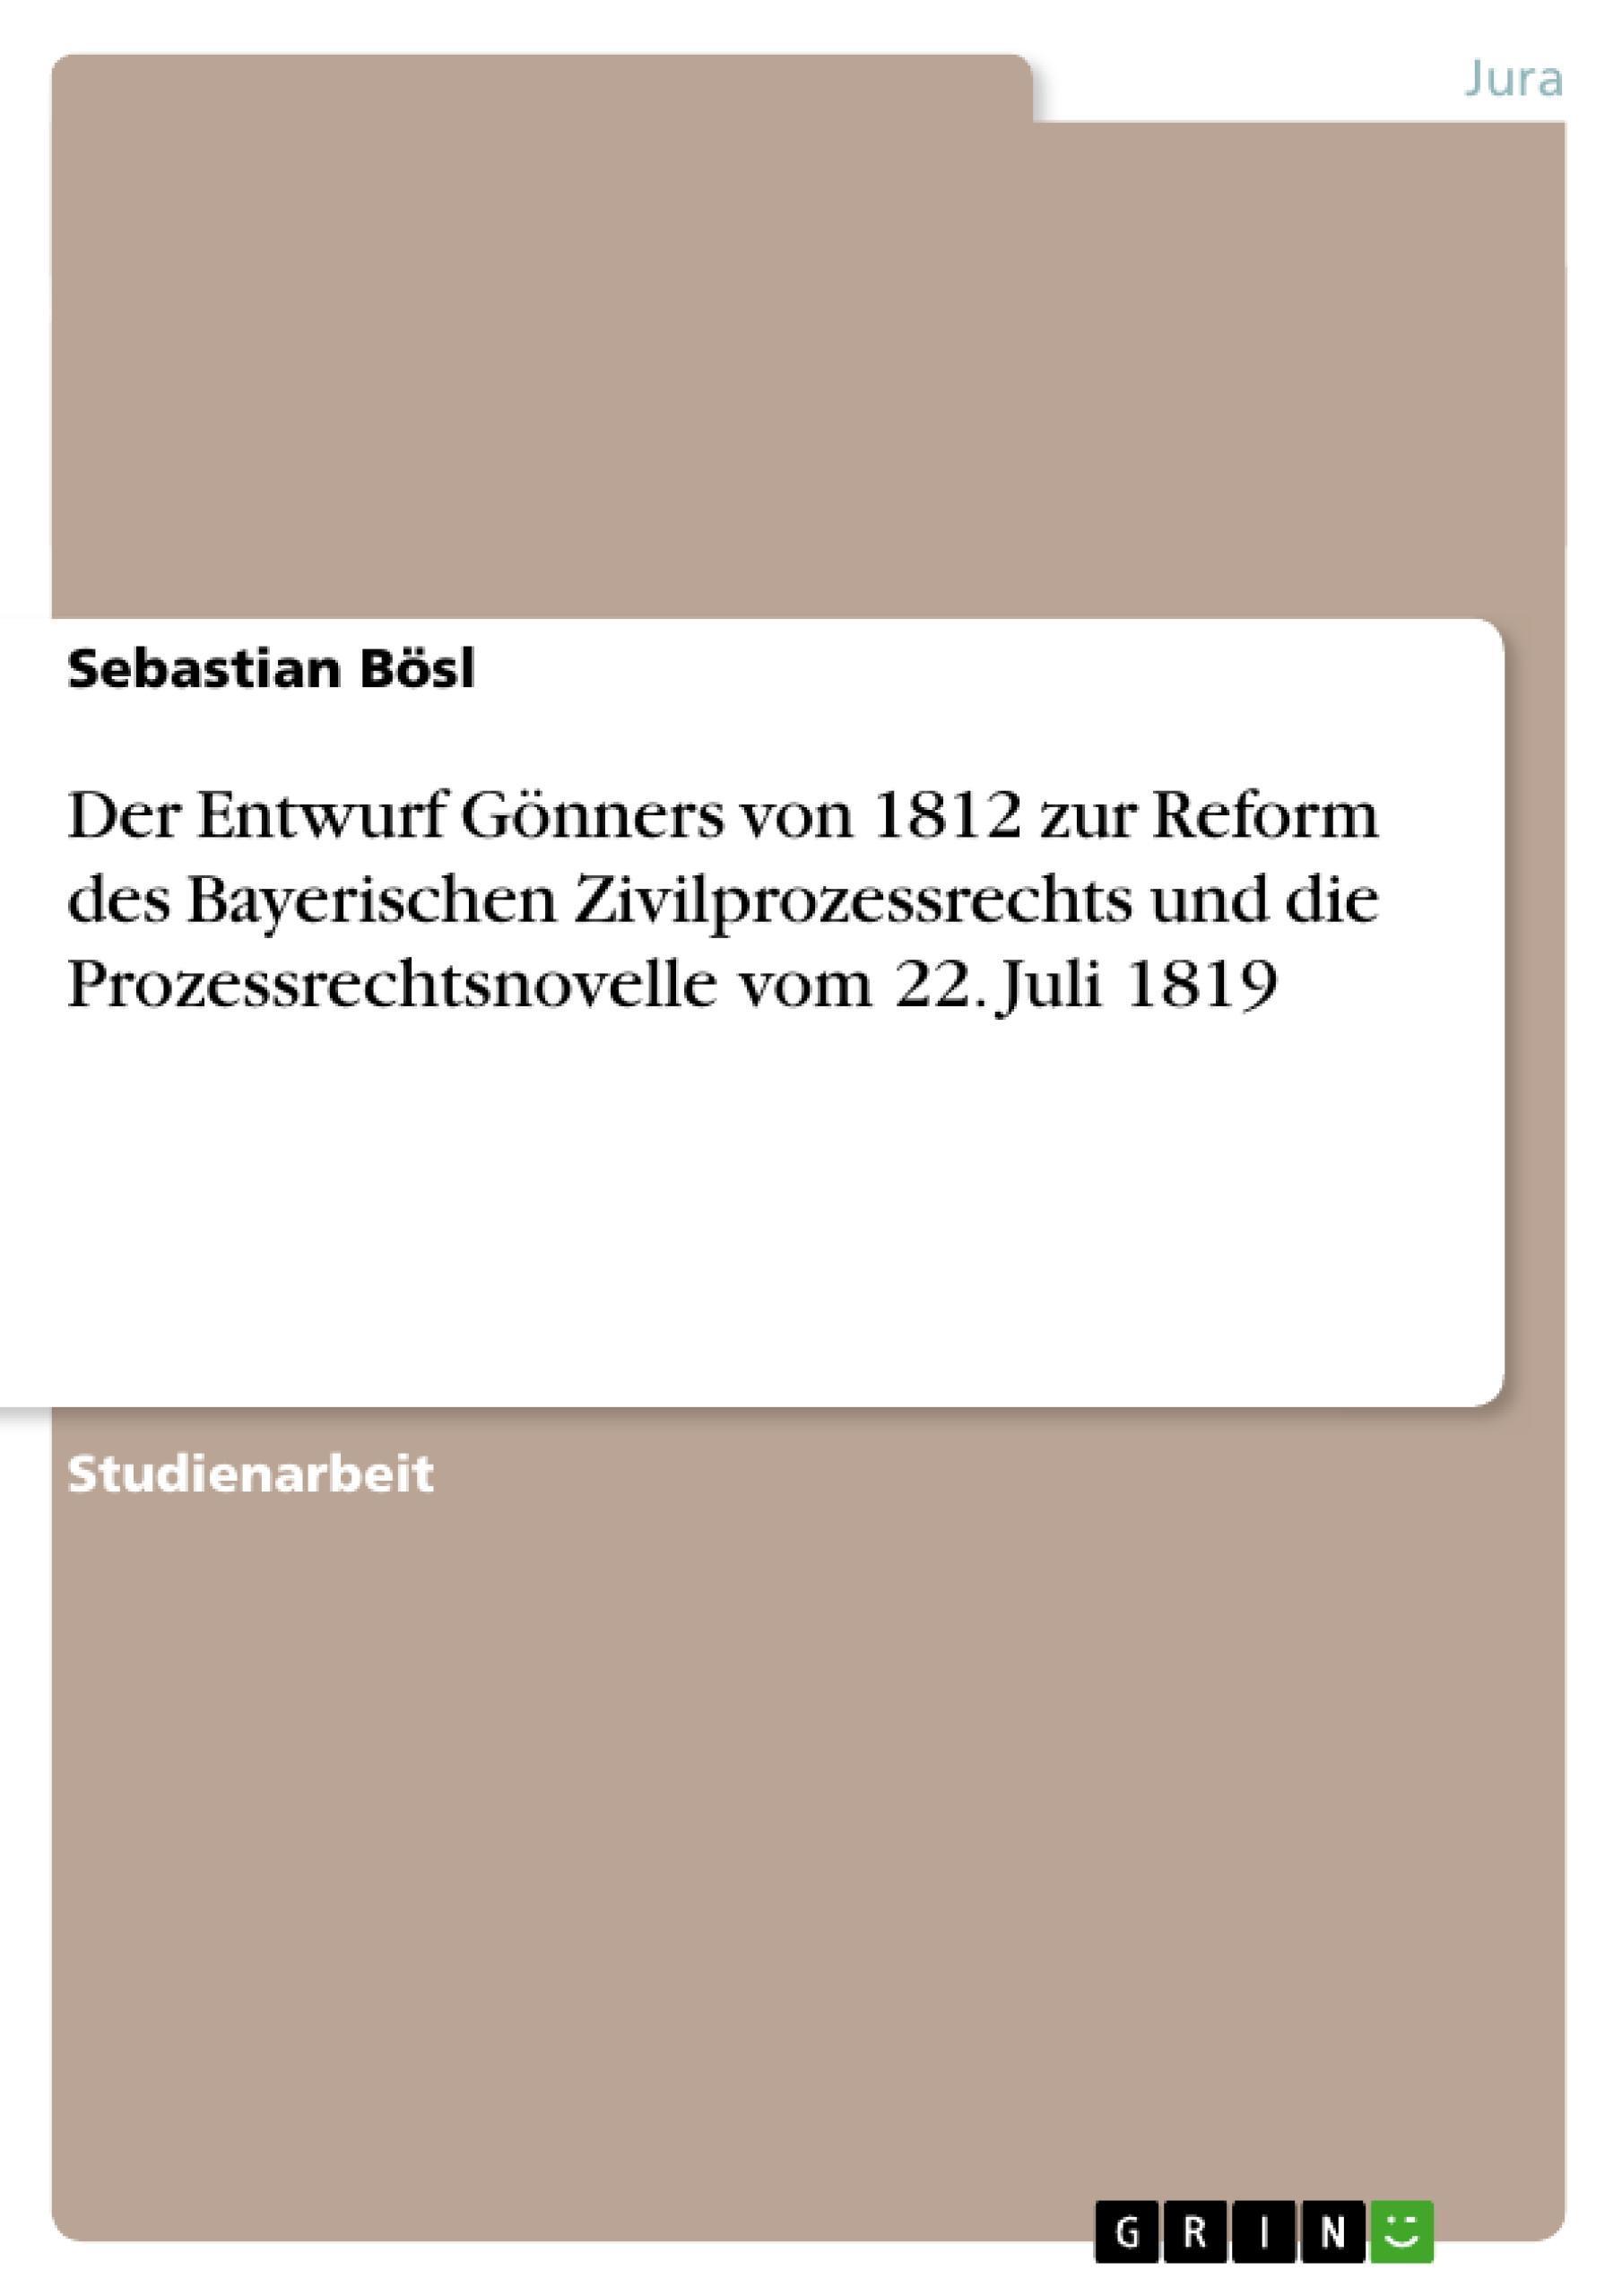 Der Entwurf Gönners von 1812 zur Reform des Bayerischen Zivilprozessrechts  ...